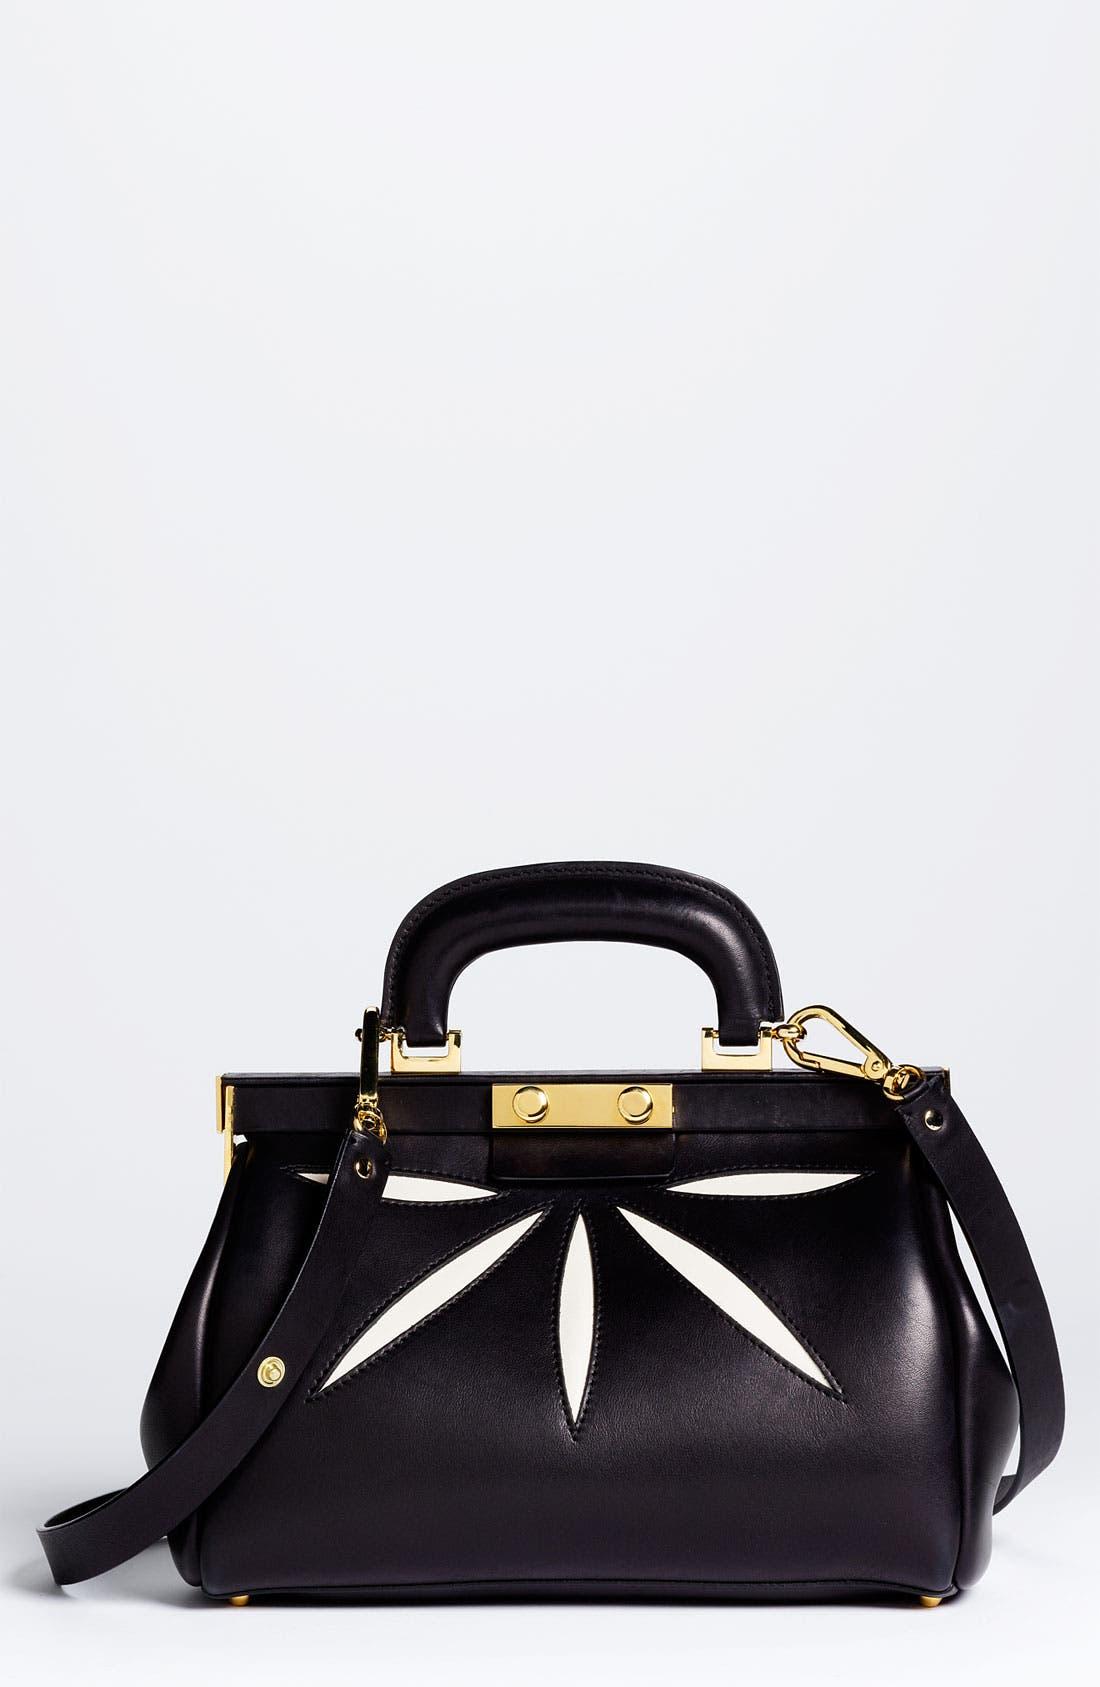 Main Image - Marni 'Mini' Leather Frame Bag